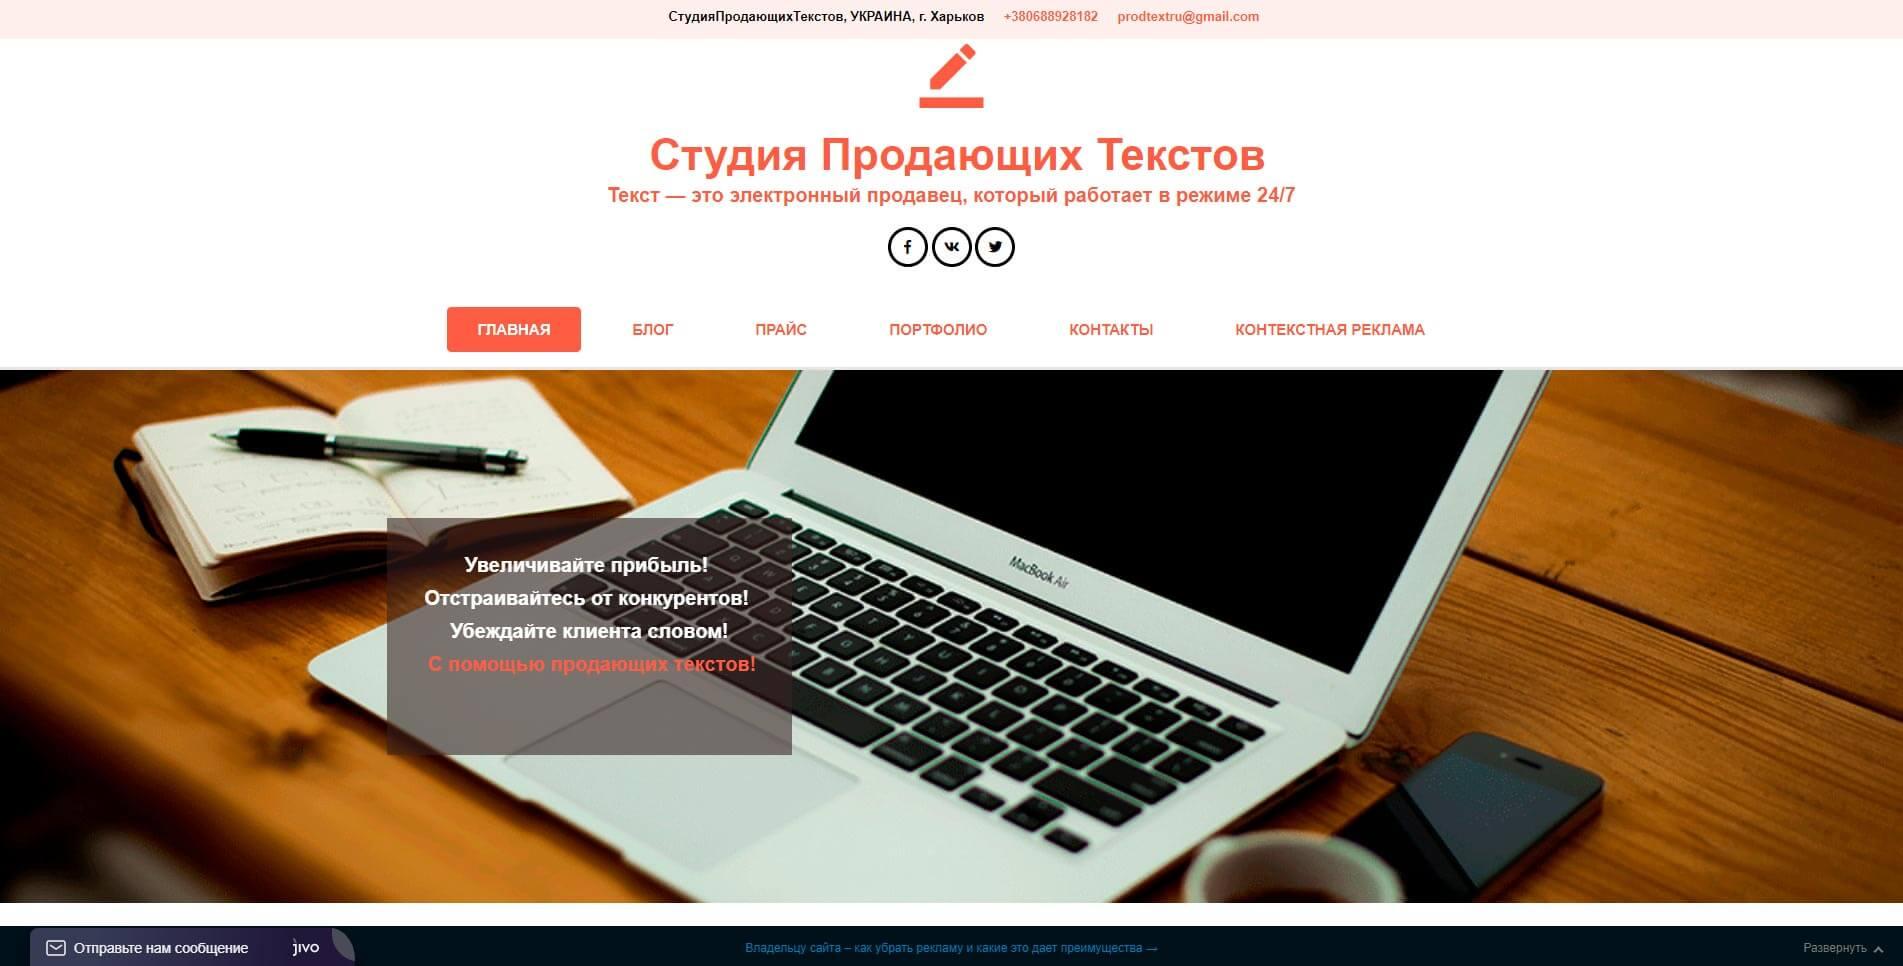 Студия Продающих Текстов - обзор компании, услуги, отзывы, клиенты, Фото № 1 - google-seo.pro